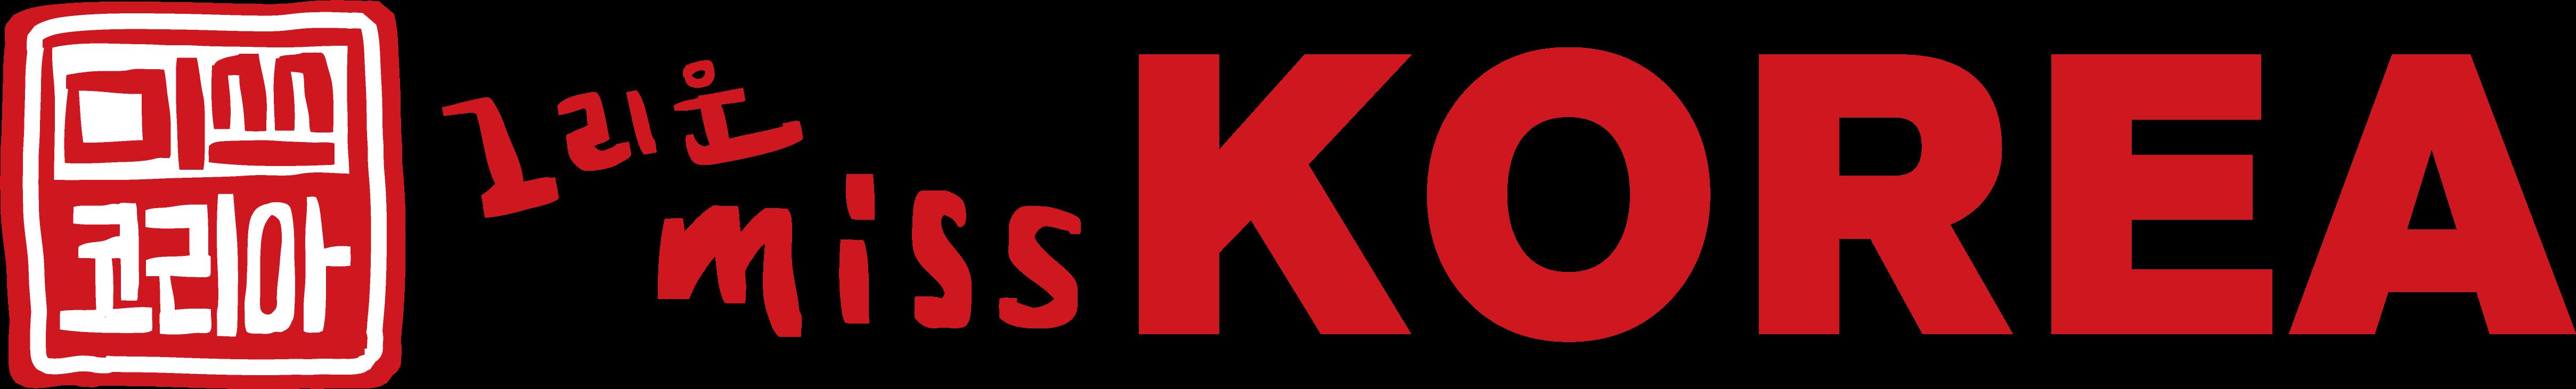 logo-red-misskoreaAsset 1